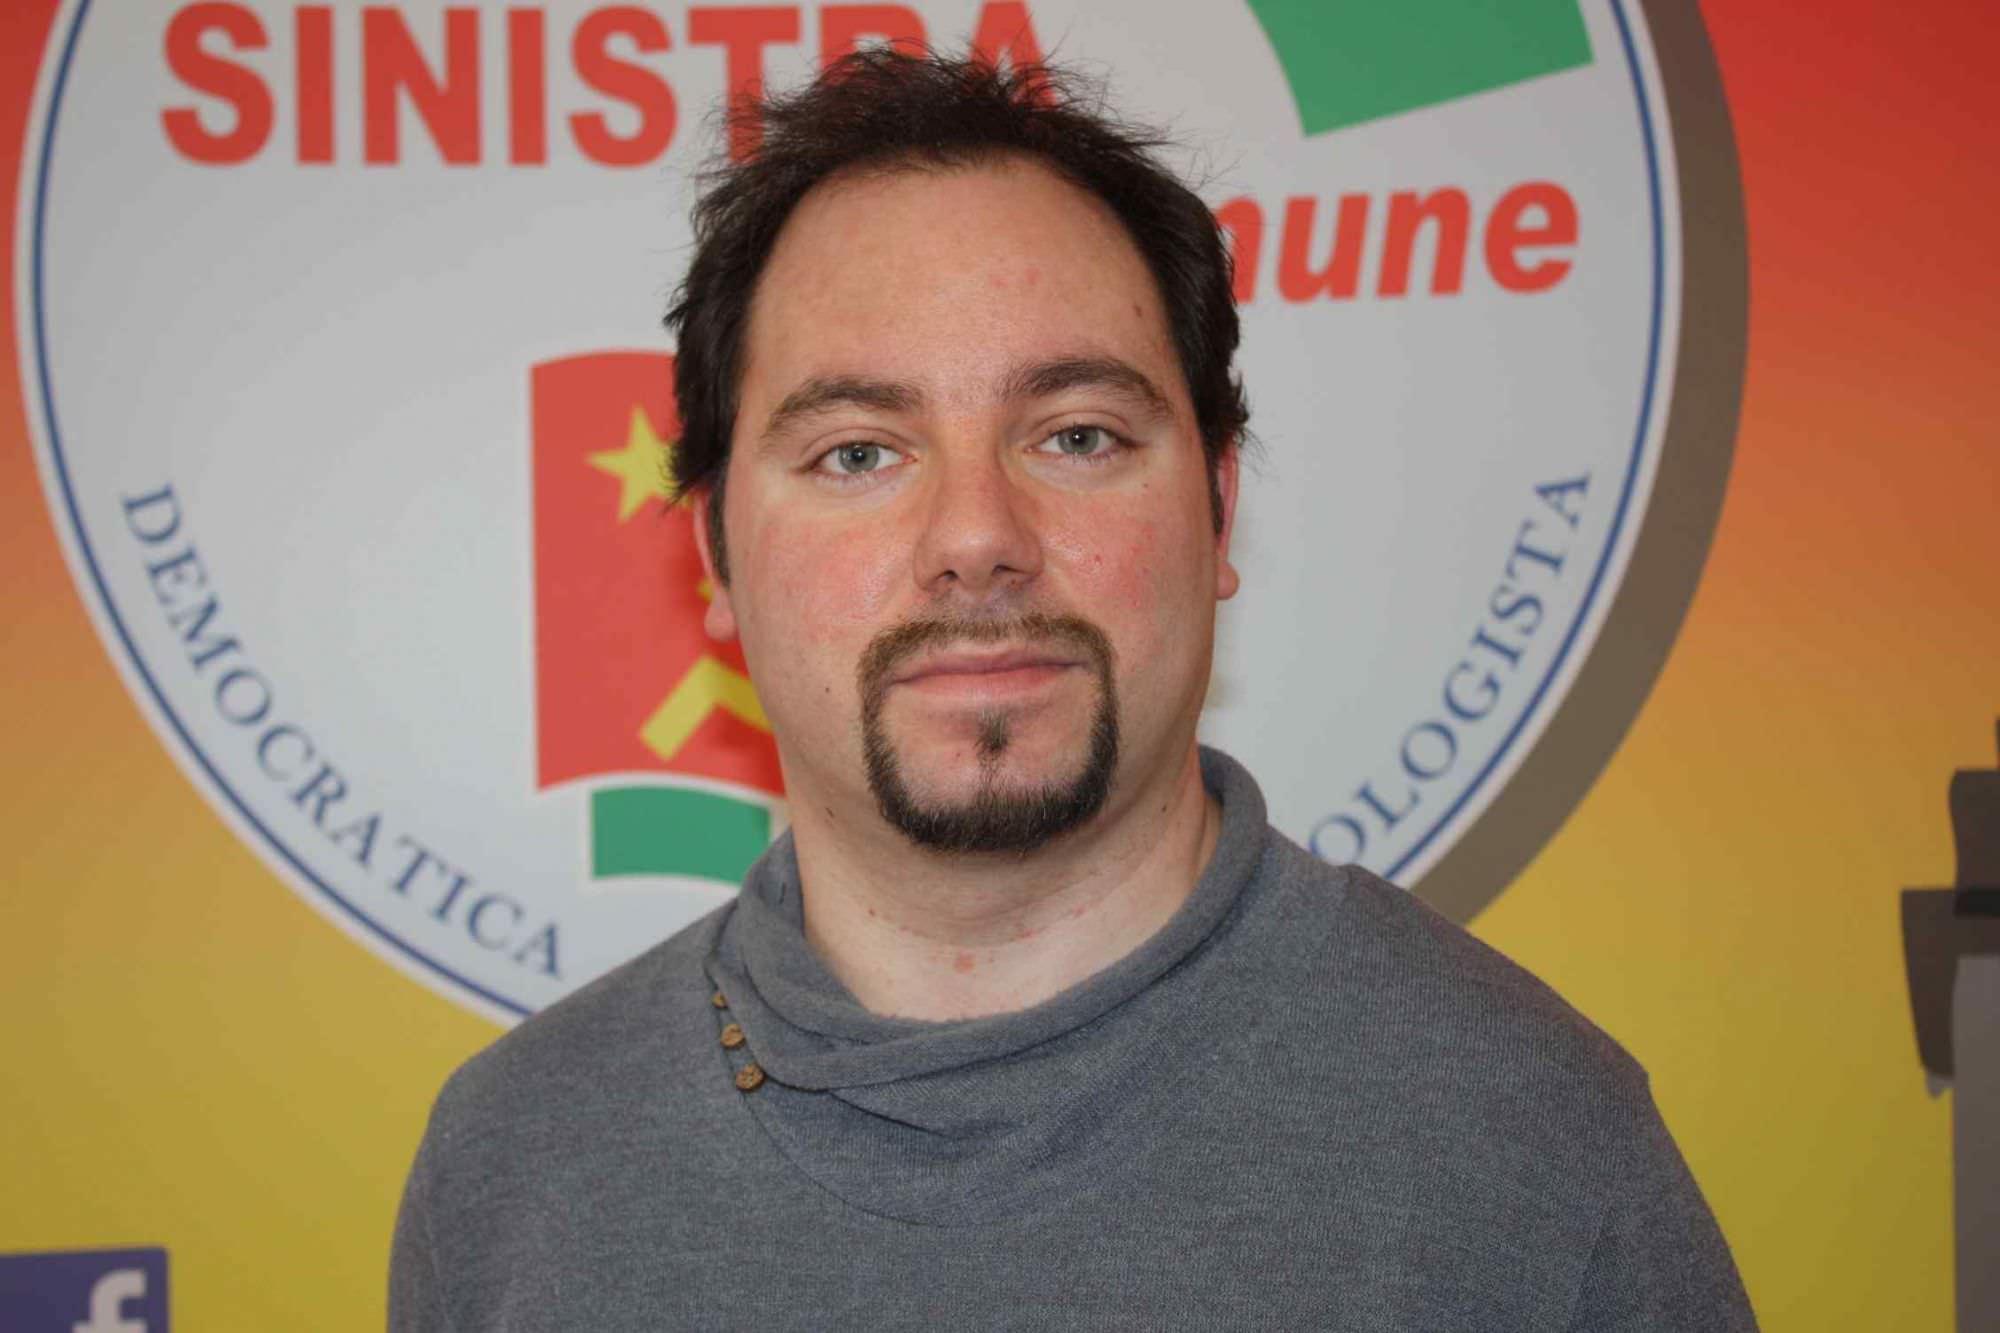 """Manuel Santini: """"Ecco perchè votare Sinistra Comune"""""""